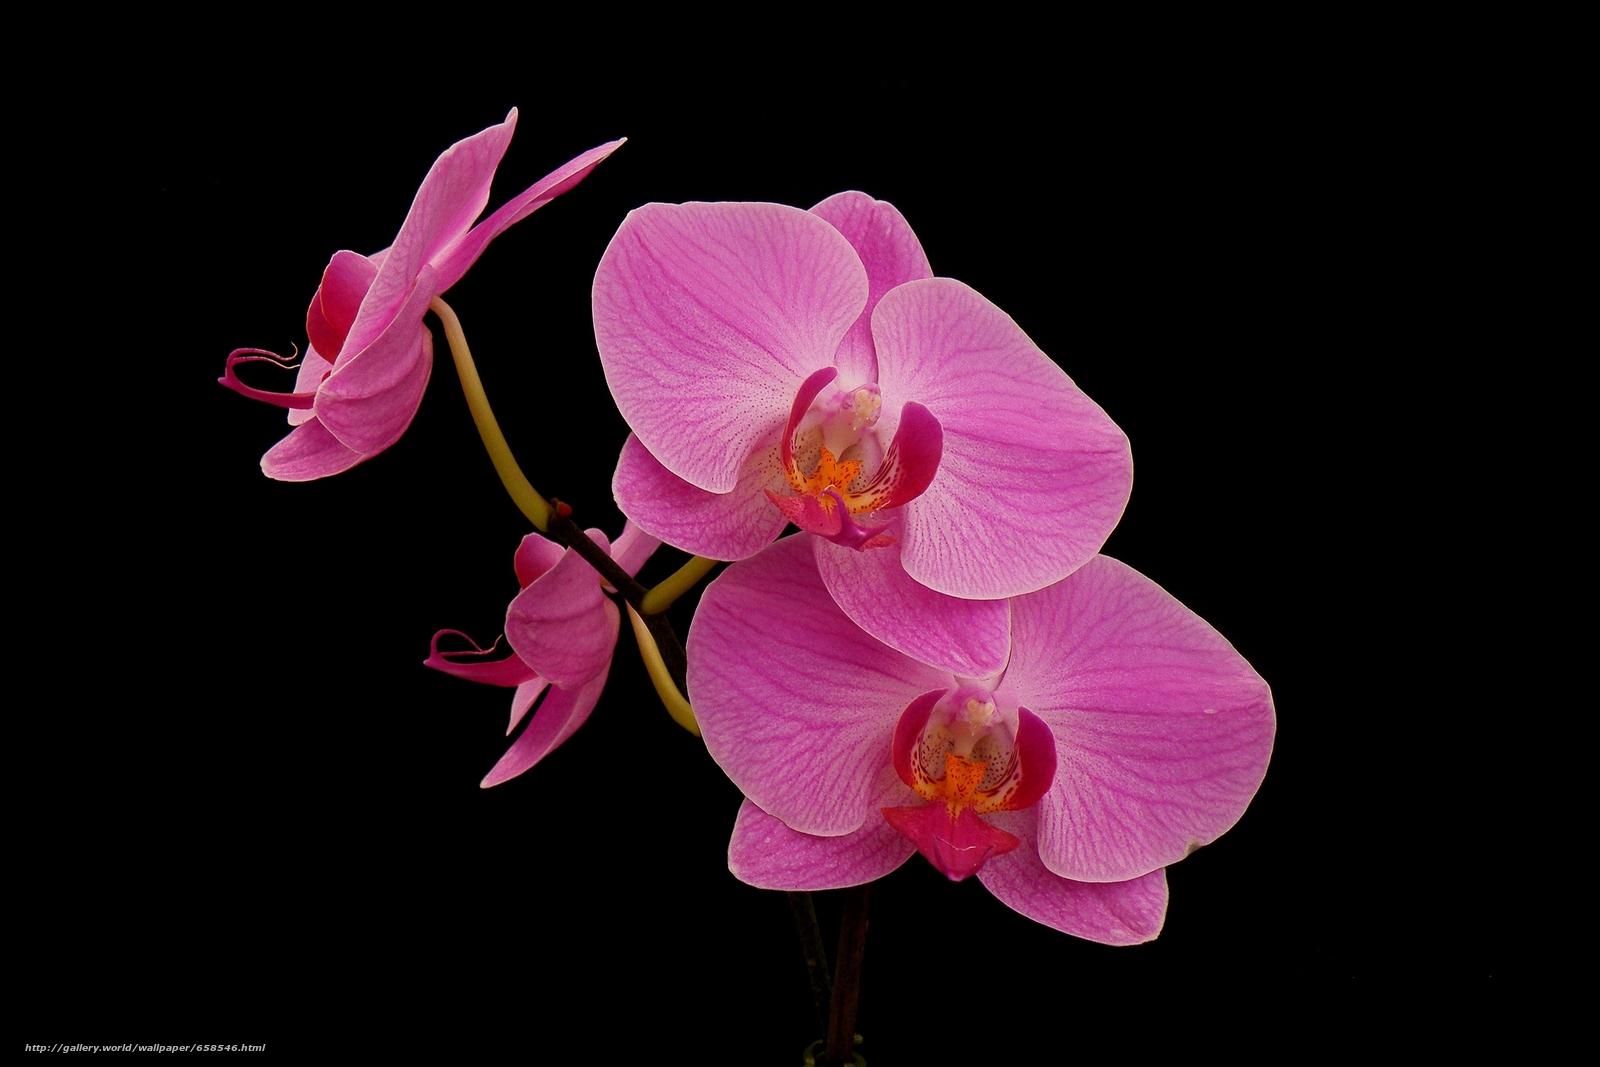 pobra tapety kwiat,  Kwiaty,  flora,  orchidea Darmowe tapety na pulpit rozdzielczoci 3777x2518 — zdjcie №658546